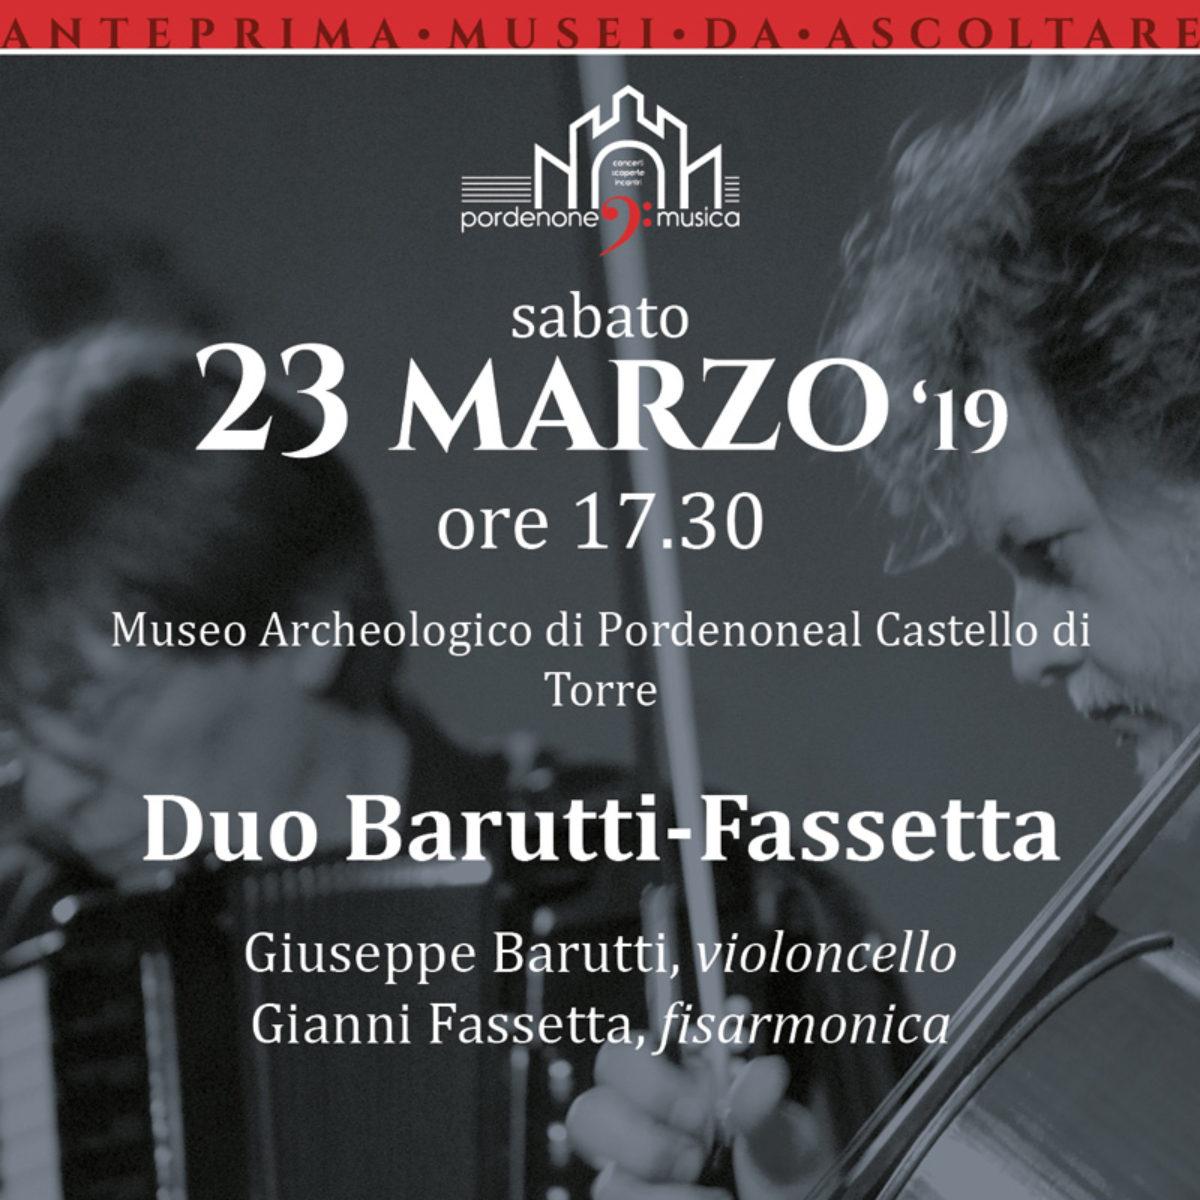 Anteprima Musei da Ascoltare – Duo Barutti/Fassetta